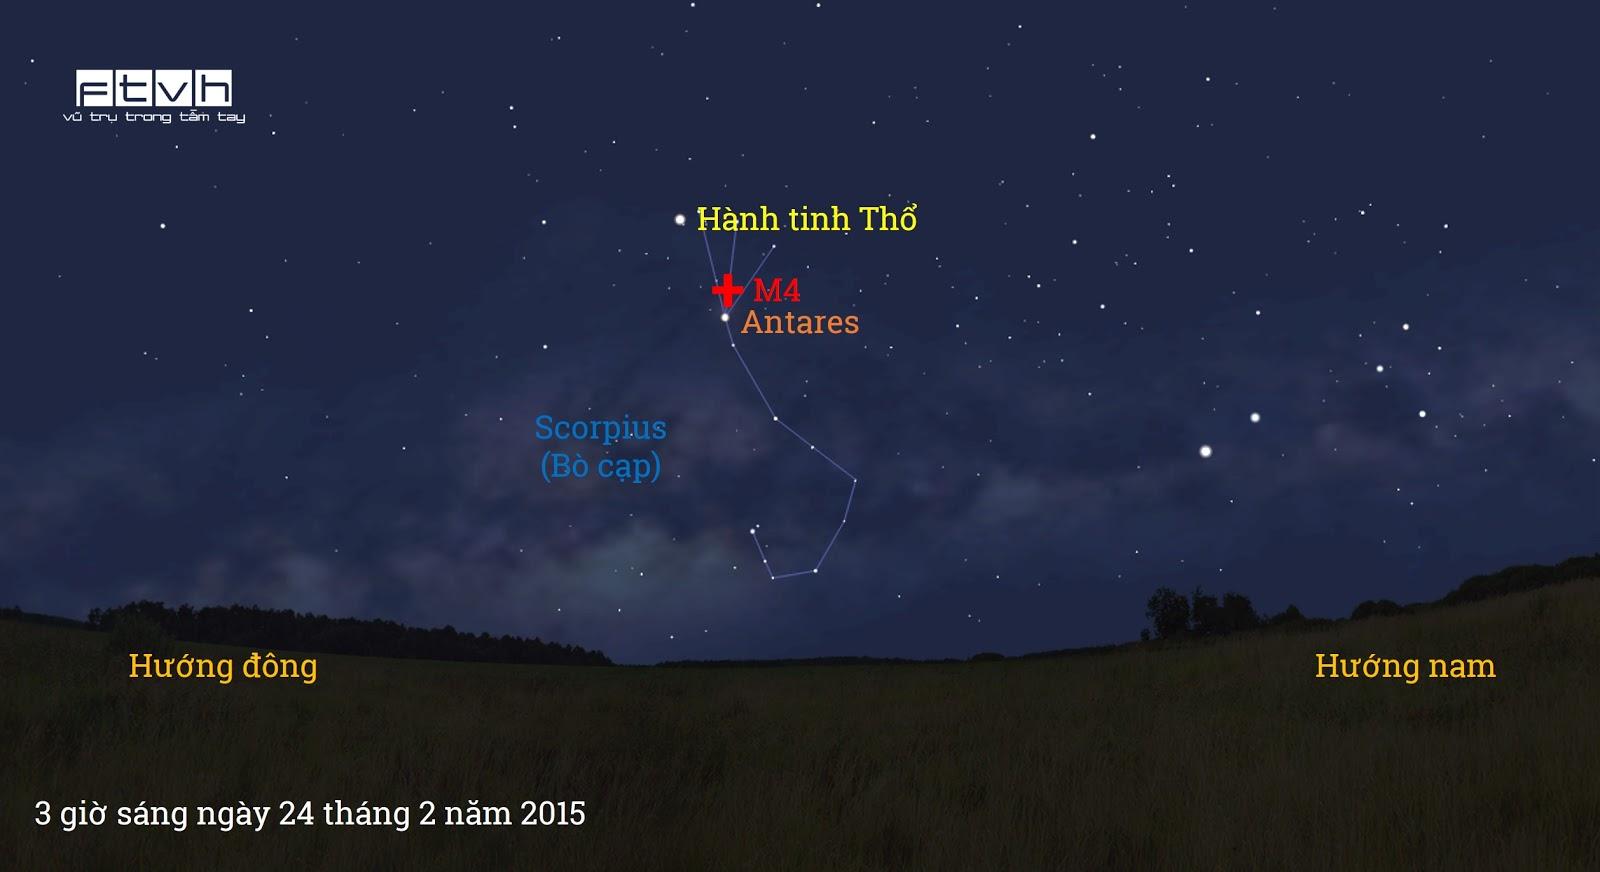 Minh họa bầu trời đêm lúc 3 giờ sáng ngày 24 tháng 2 năm 2015. Bạn có thể thấy được hành tinh Thổ tỏa sáng cùng với sao Antares của chòm sao Scorpius (Bò cạp).